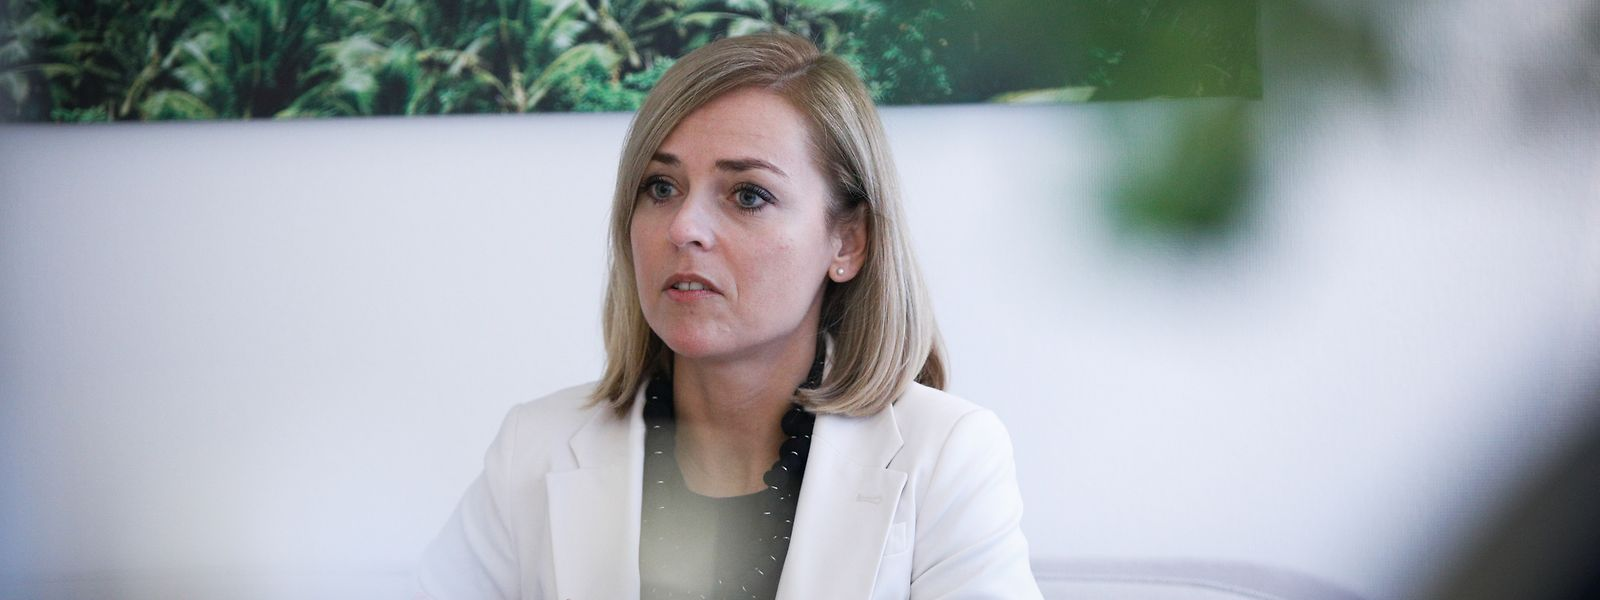 Dans les prochaines semaines, des amendements seront déposés par Taina Bofferding pour élargir les missions des agents municipaux, afin notamment de lutter contre le sentiment d'insécurité.